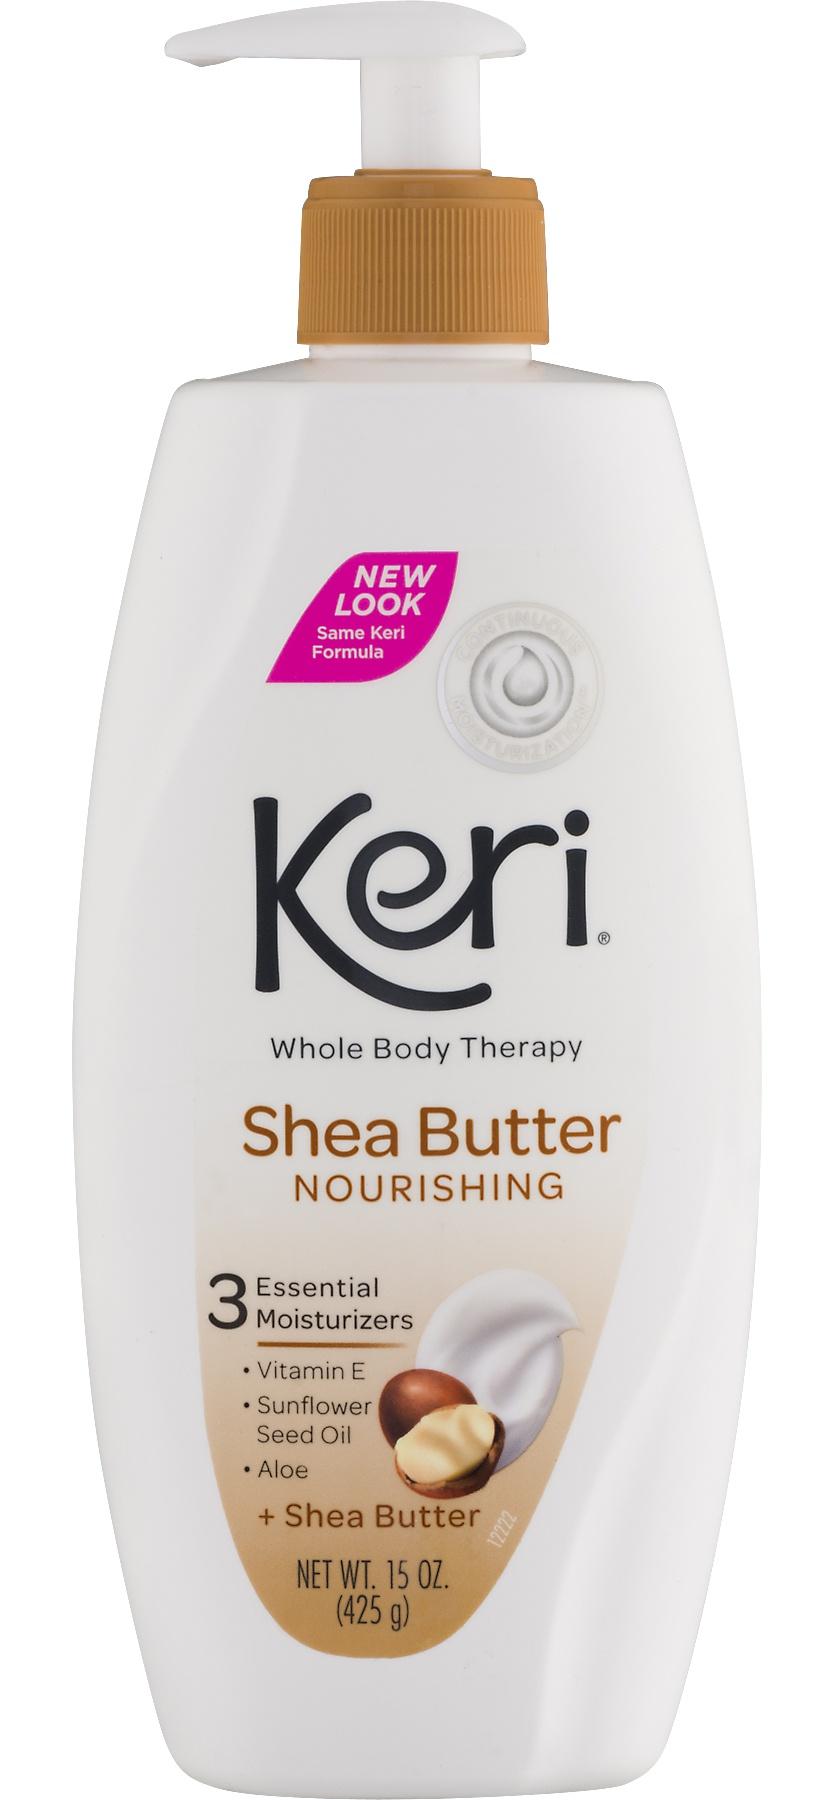 Keri Shea Butter Nourishing